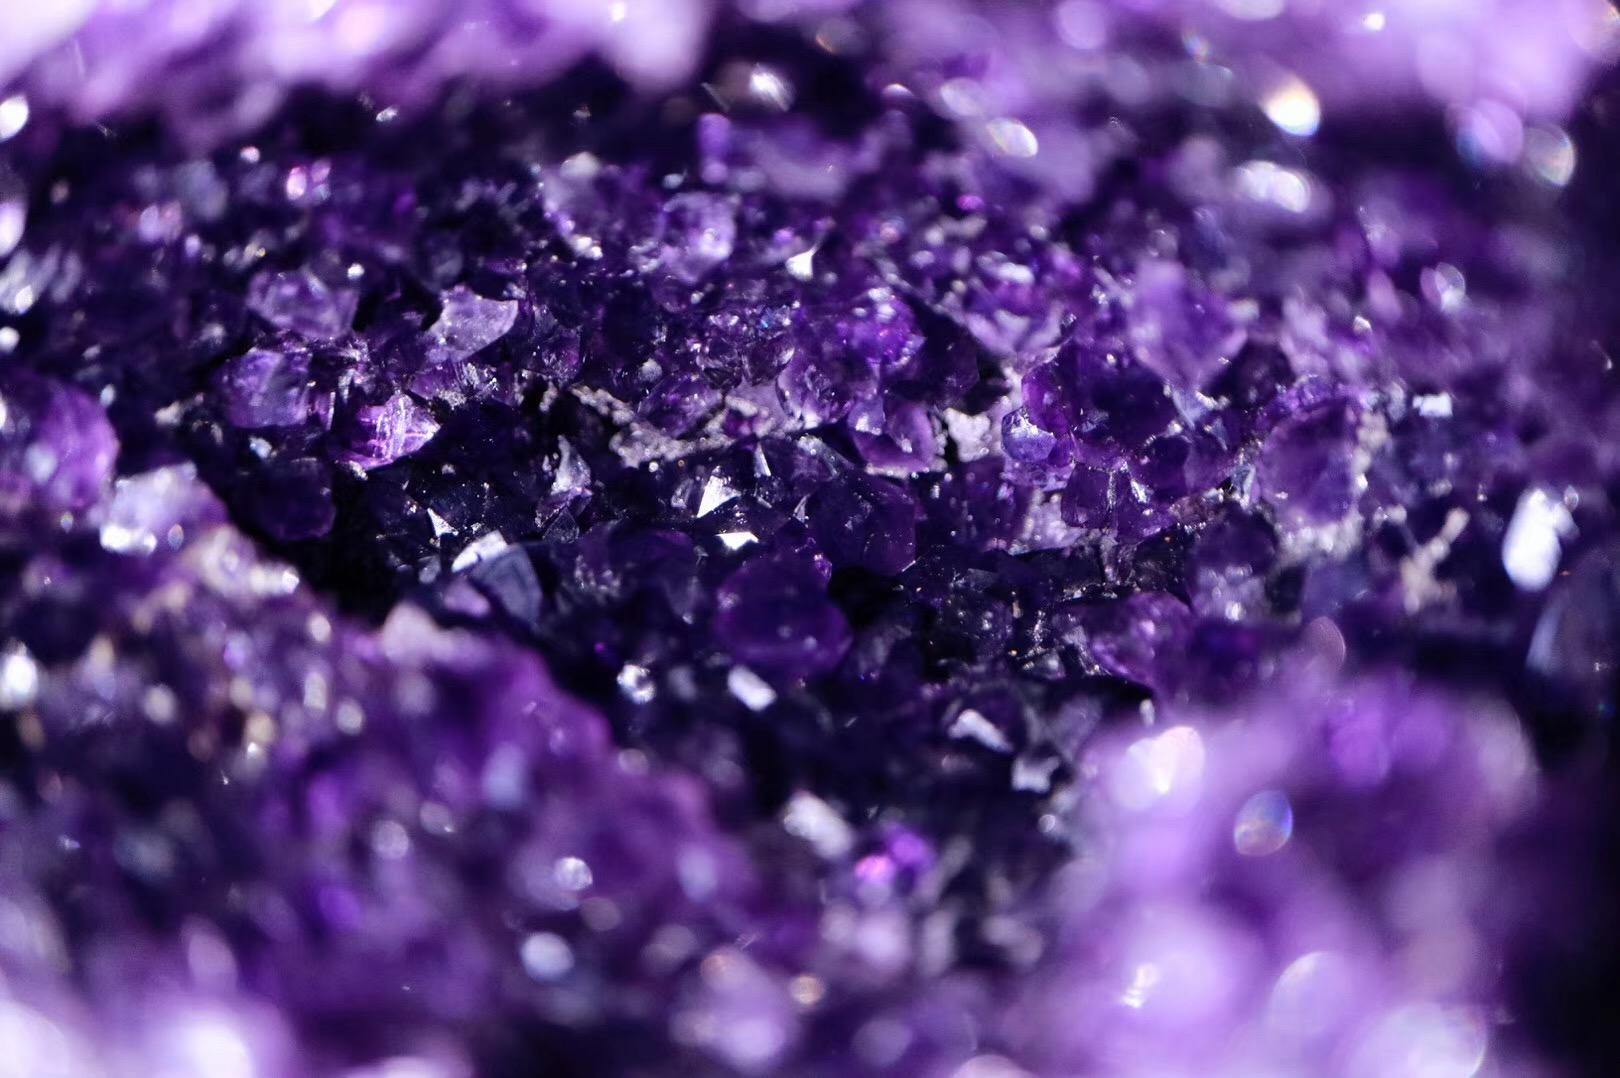 【菩心乌拉圭紫晶洞】极品乌拉圭小晶洞,形如智慧之眼,极具灵气-菩心晶舍